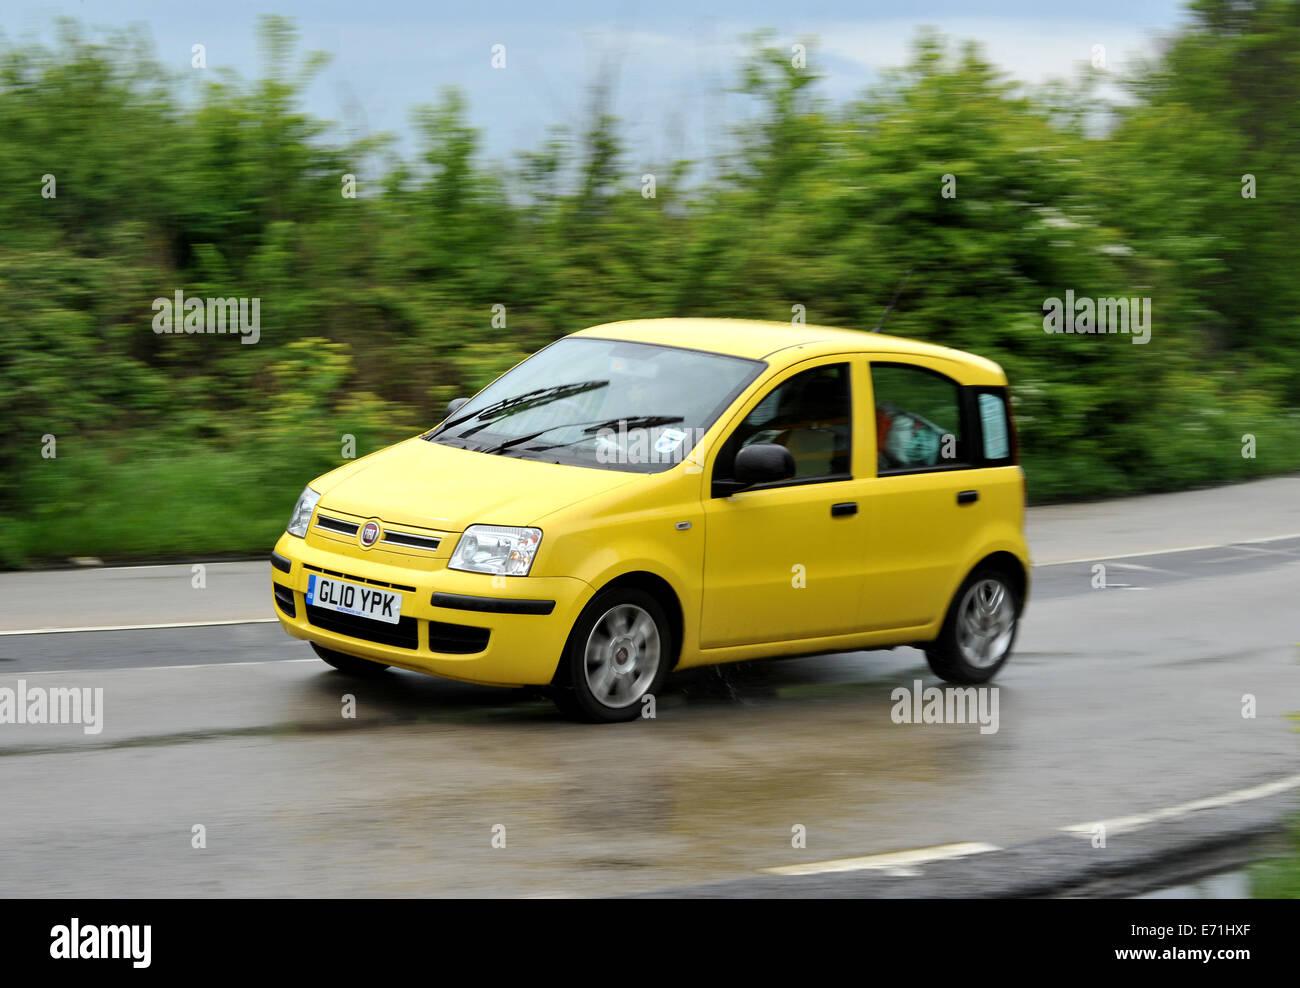 Fiat Panda Stock Photos & Fiat Panda Stock Images - Alamy